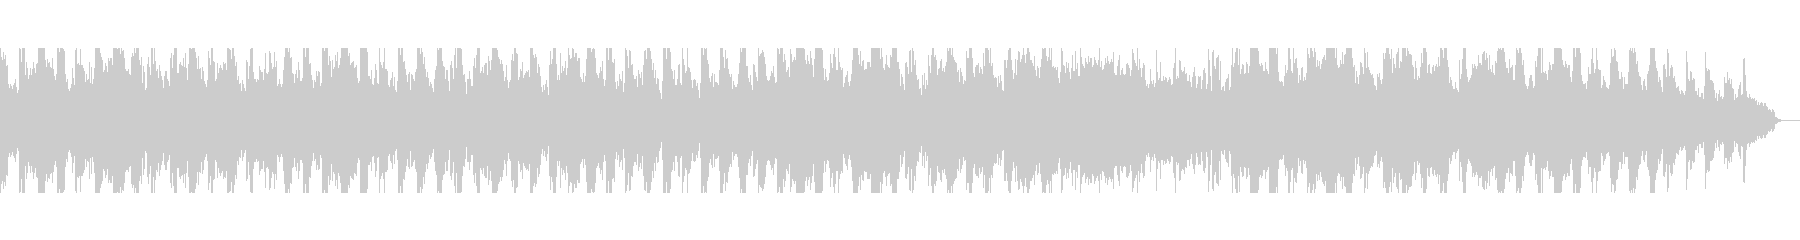 落ち着いたミニマル風のピアノ曲の未再生の波形